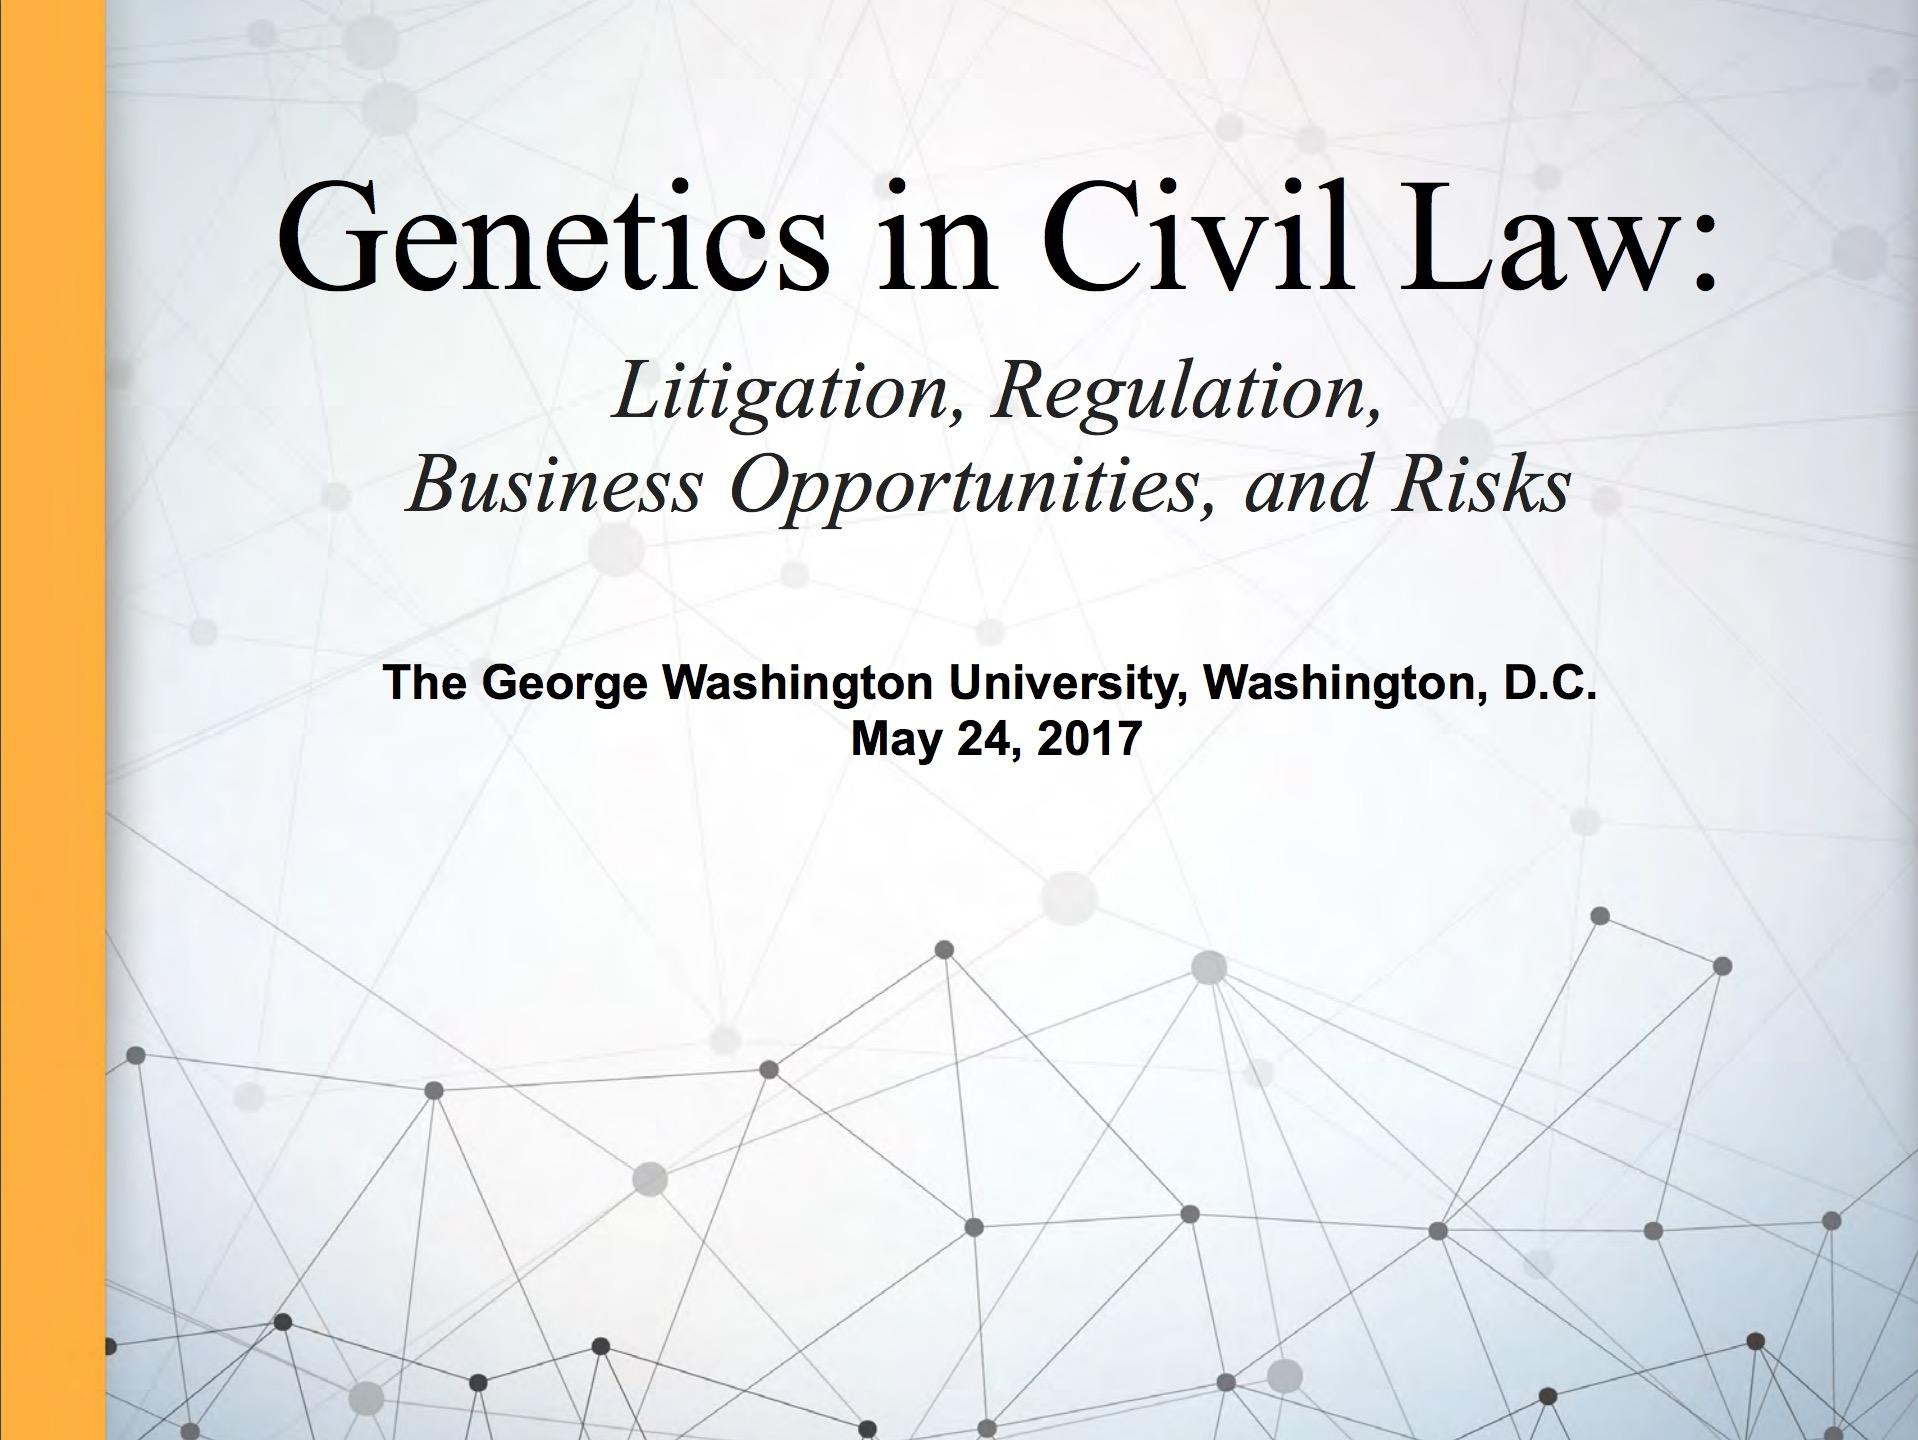 genetics-dna-civil-litigation-conference-workshop.jpg